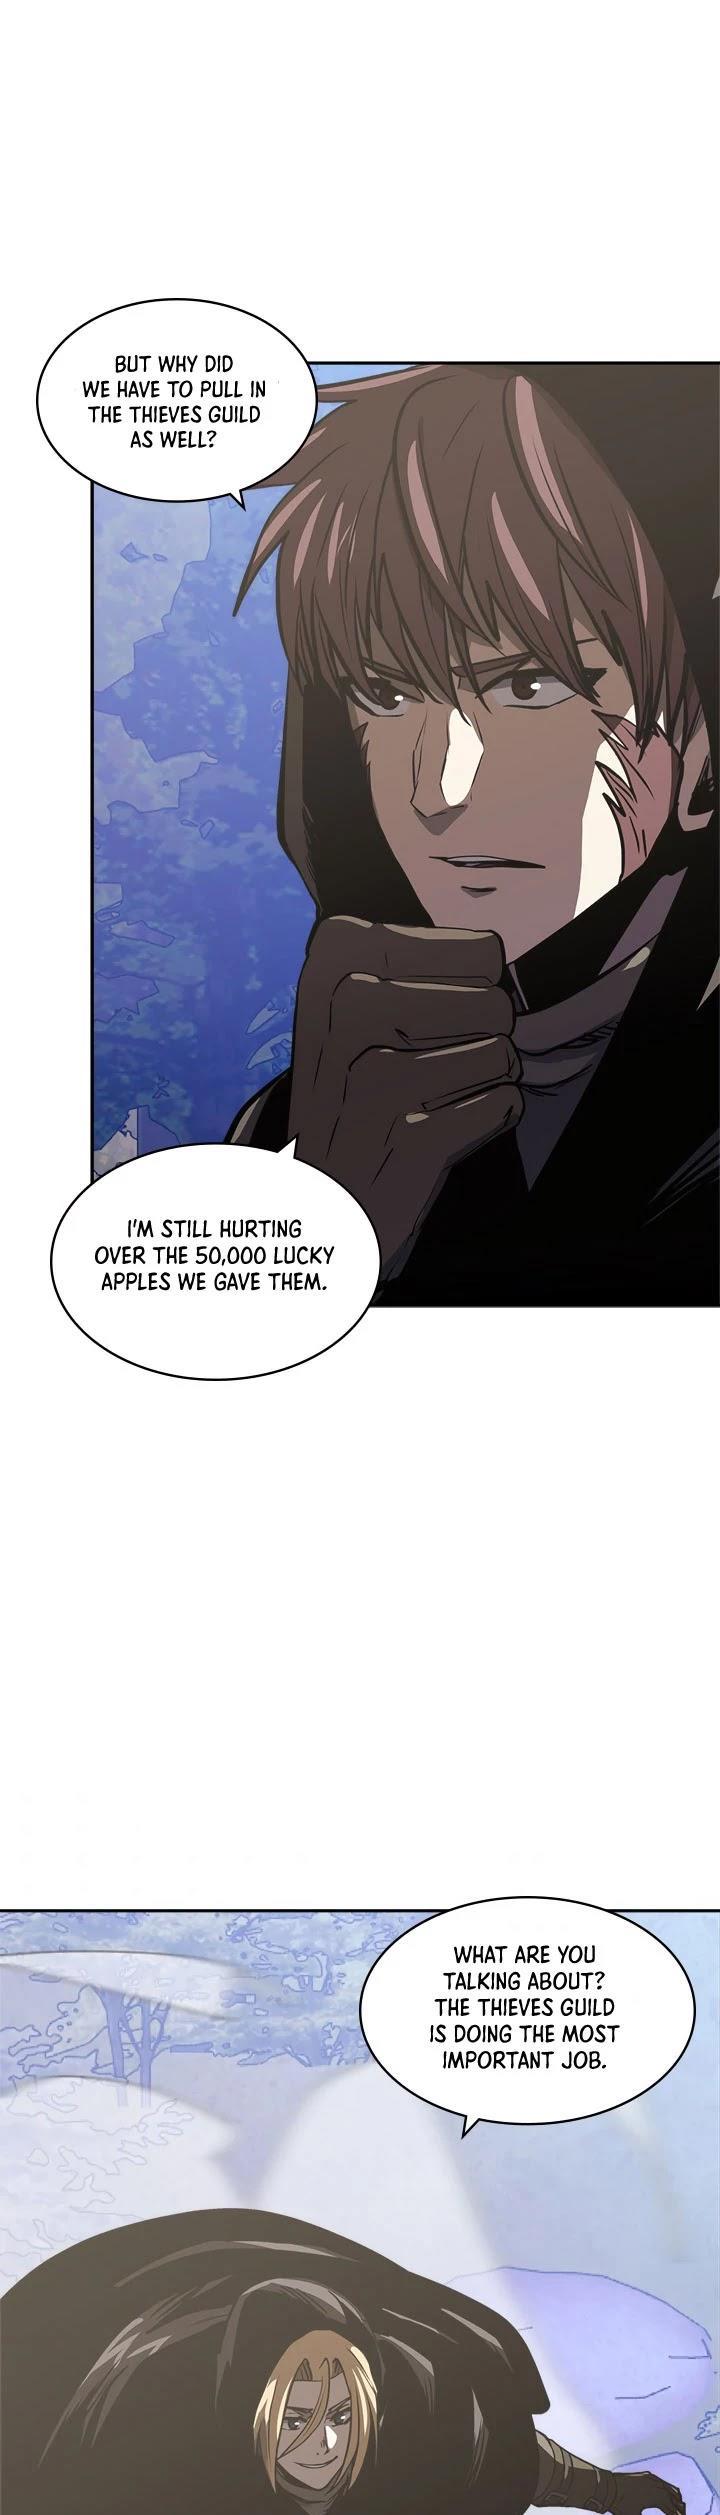 Other World Warrior Chapter 164: Season 4 Ch 52 page 40 - Mangakakalot